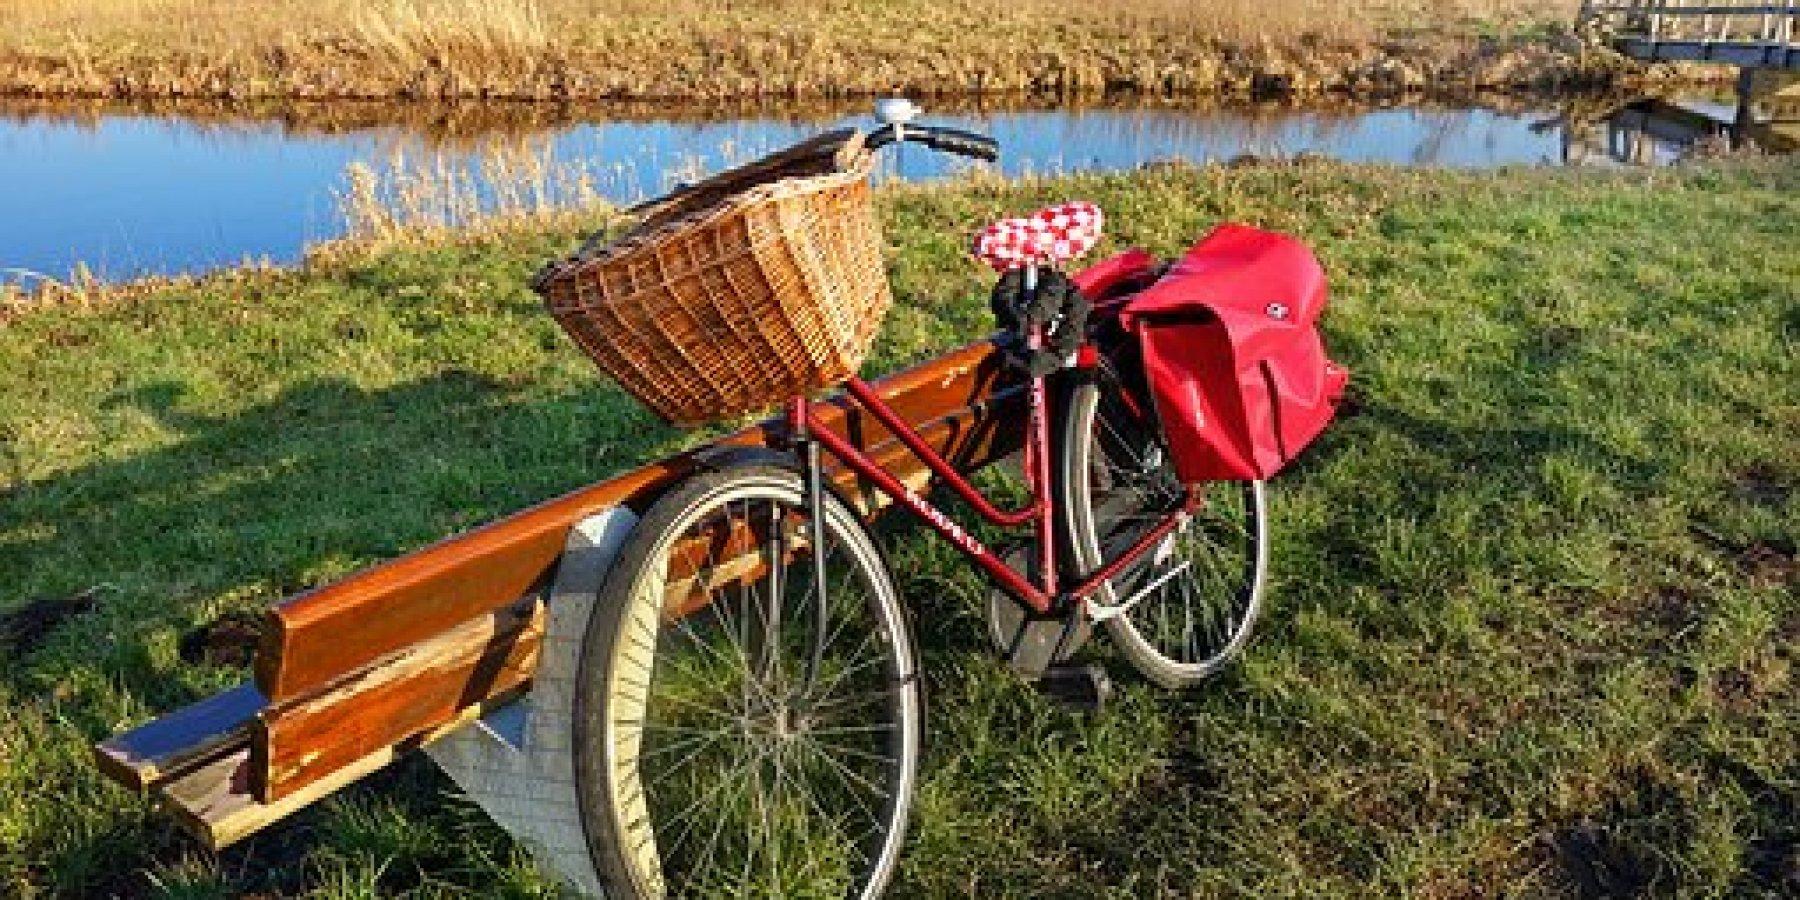 Fahrradtasche samt Inhalt gestohlen